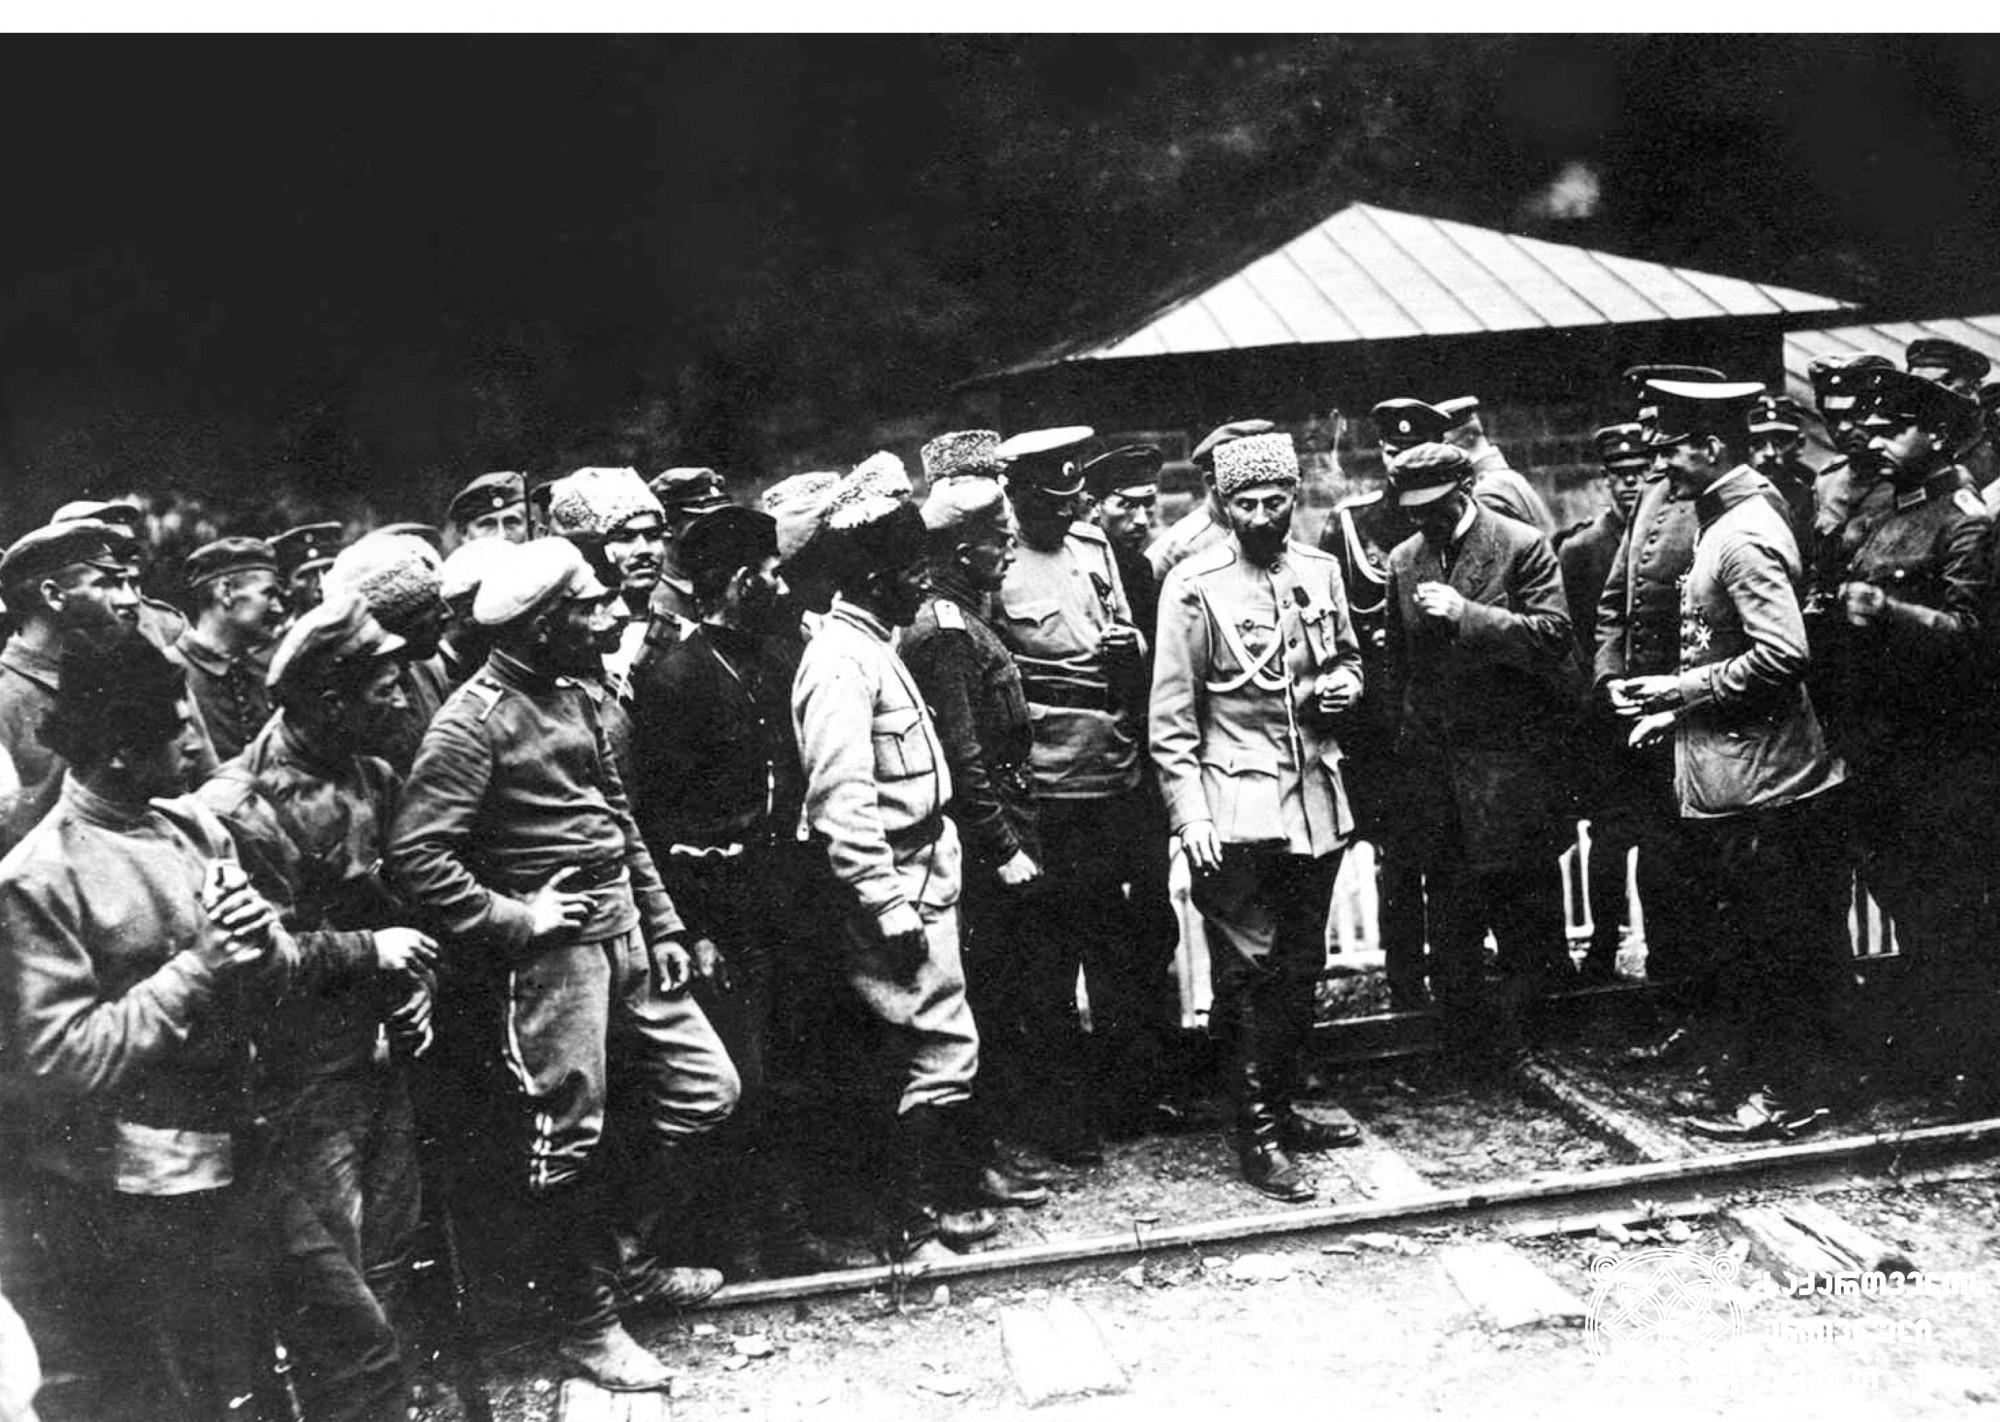 გენერალი გიორგი კვინიტაძე, ამიერკავკასიის ჯარების მთავარსარდალი და სამხედრო მინისტრის მოადგილე, ქართველ და გერმანელ სამხედროებთან ერთად. <br> General Giorgi Kvinitadze, Commander-in-chief of the Transcaucasian Army and the Deputy Military Minister, together with the Georgian and German militaries.